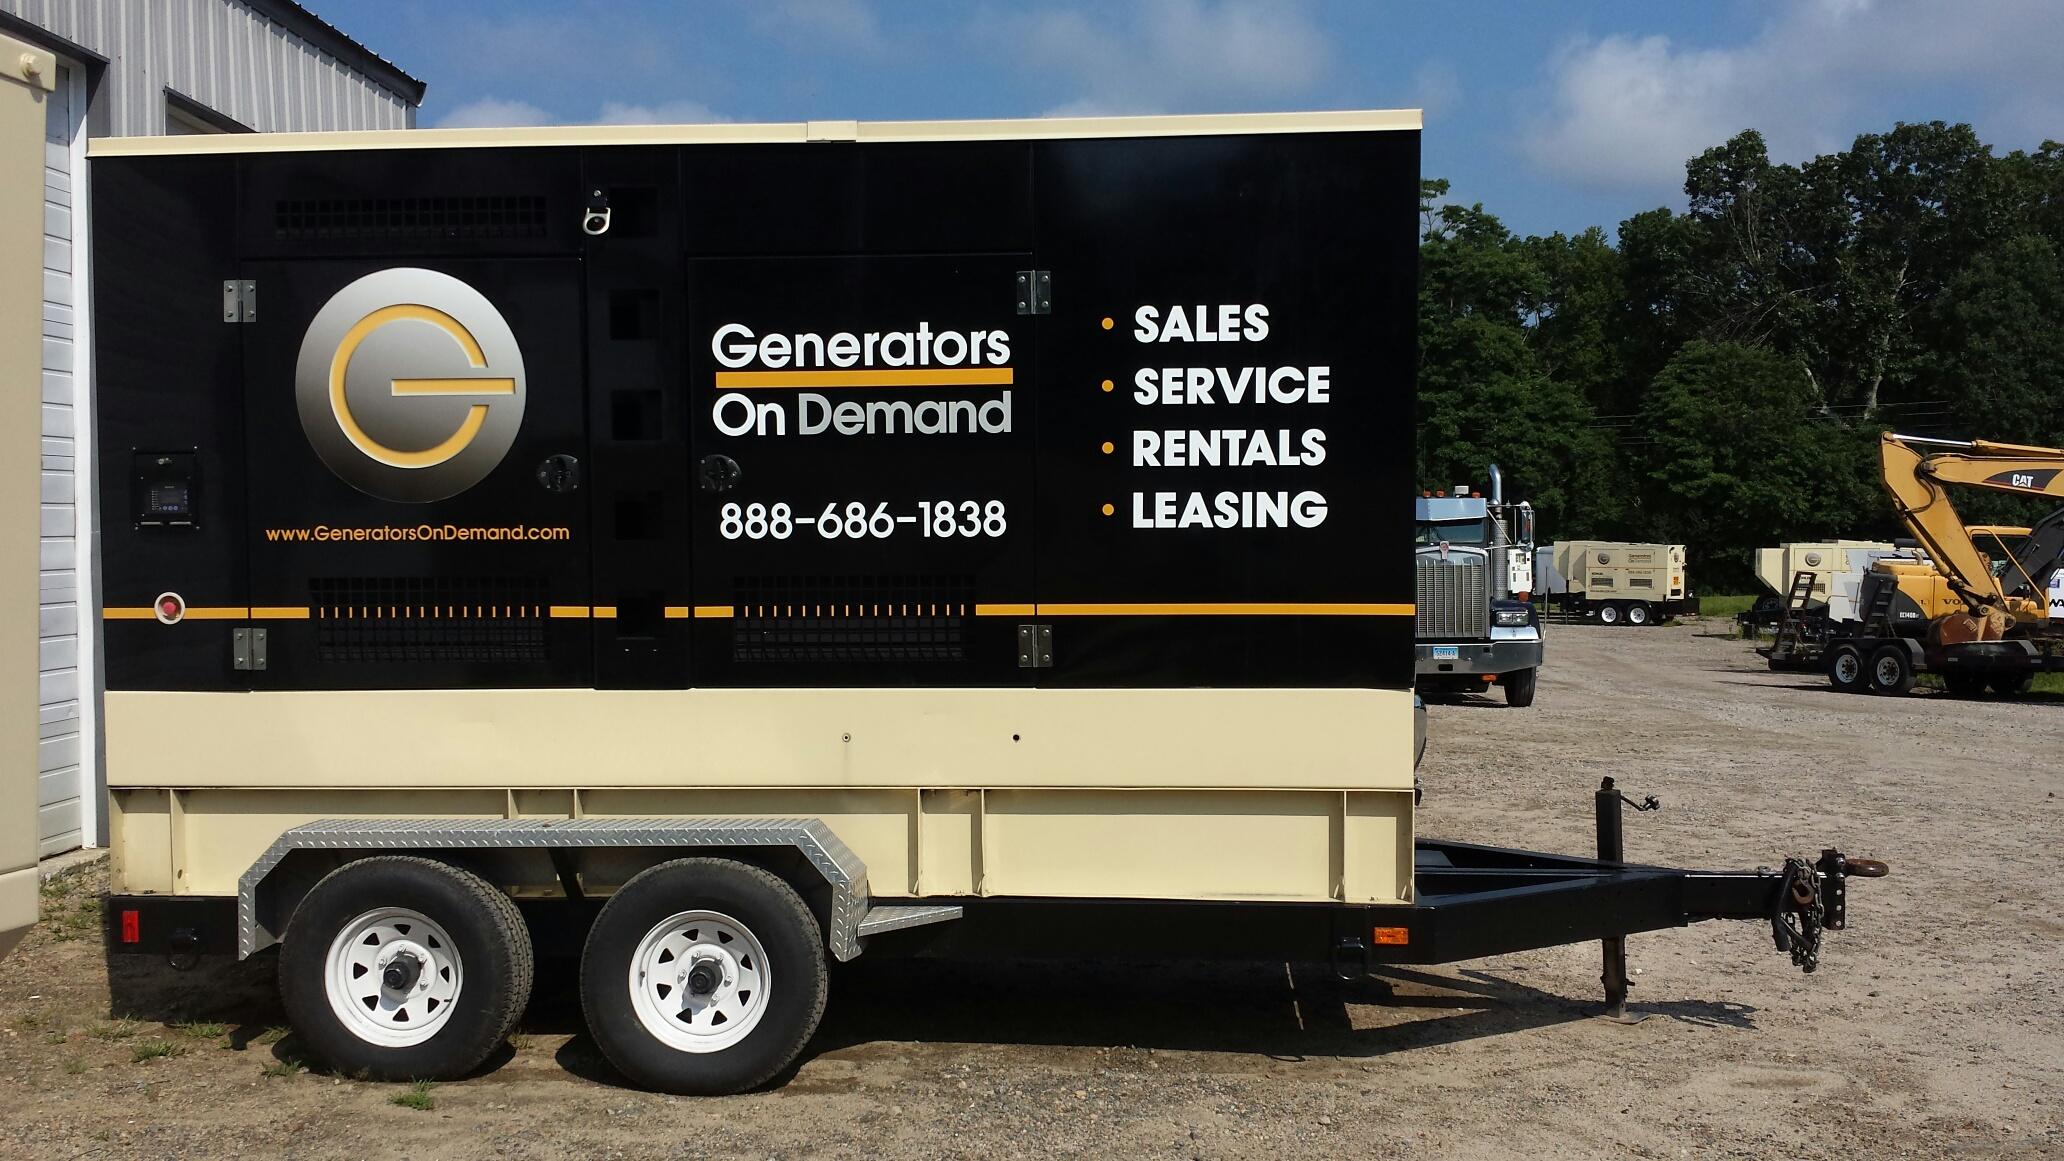 Generator Rentals Don t Go Without Power Believe in Generators